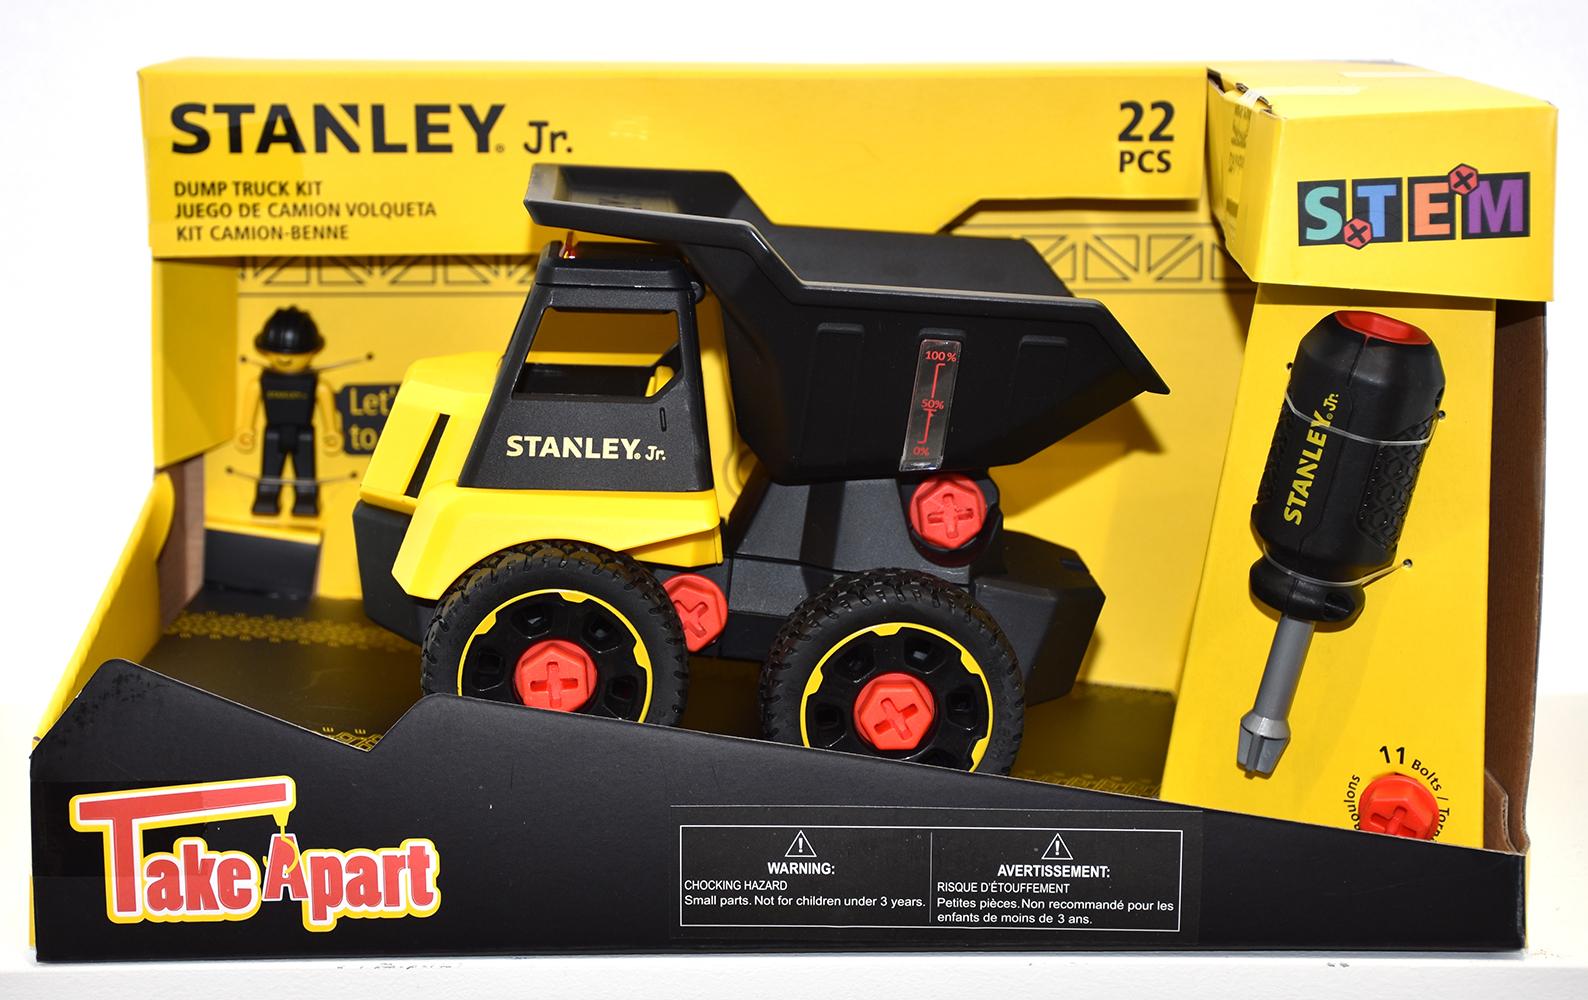 Stanley Jr. - Take a Part: Dump Truck